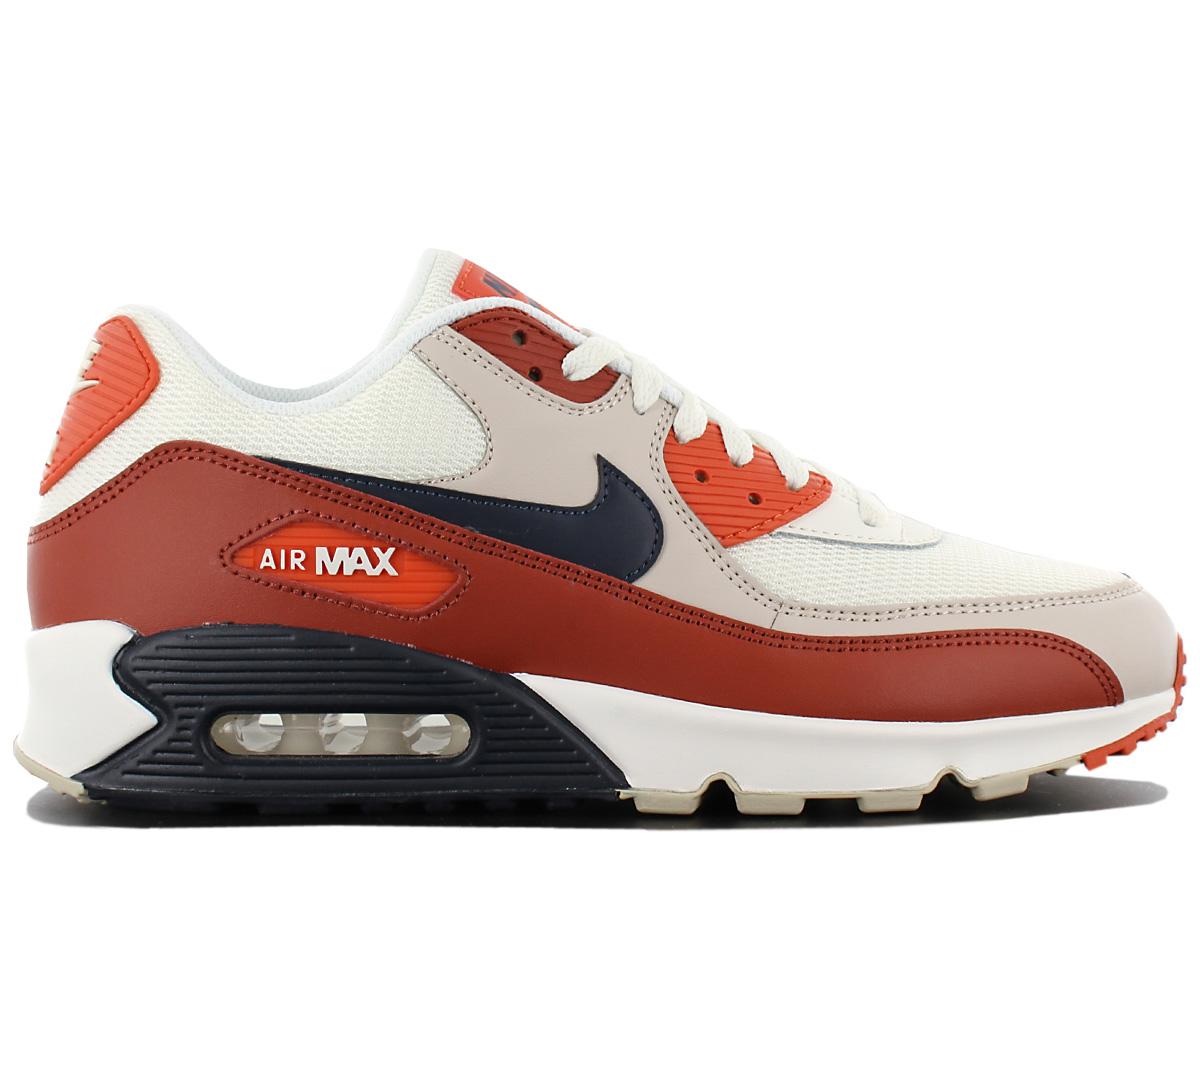 6eb5fd6d01d0b 09 Nike Air Max 90 Essential AJ1285-600  EU 42 US 8.5